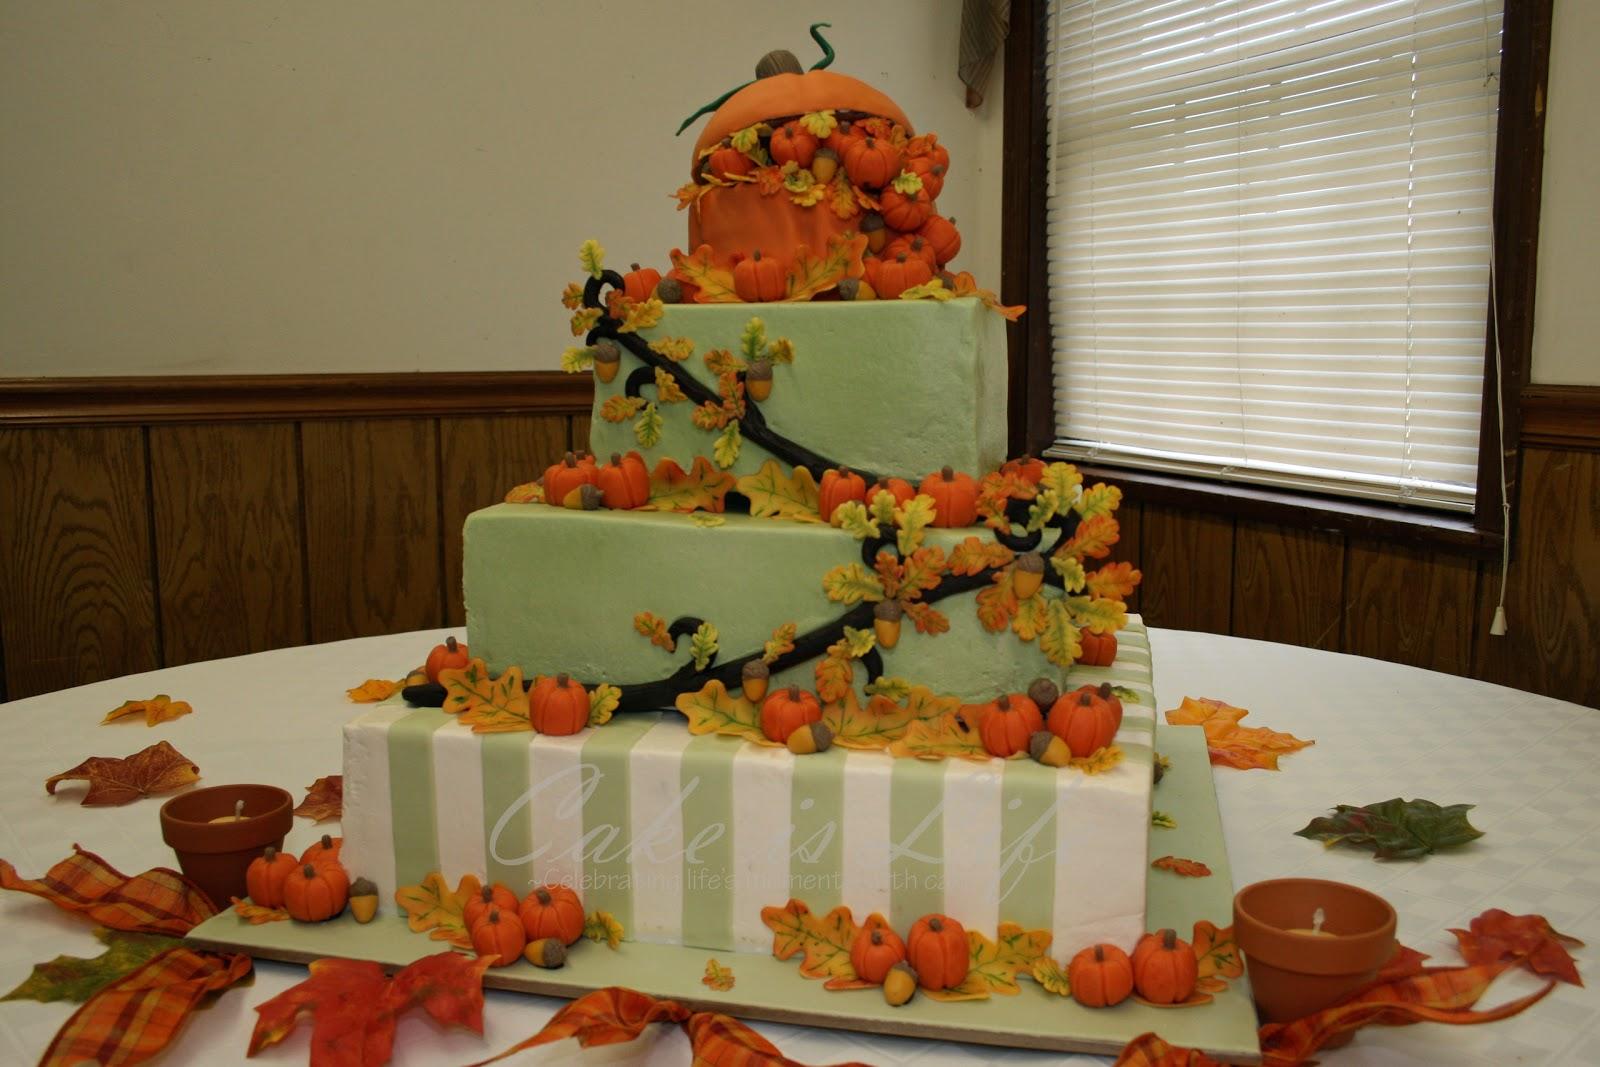 Autumn Vanilla Picture Autumn Themed Wedding Cakes